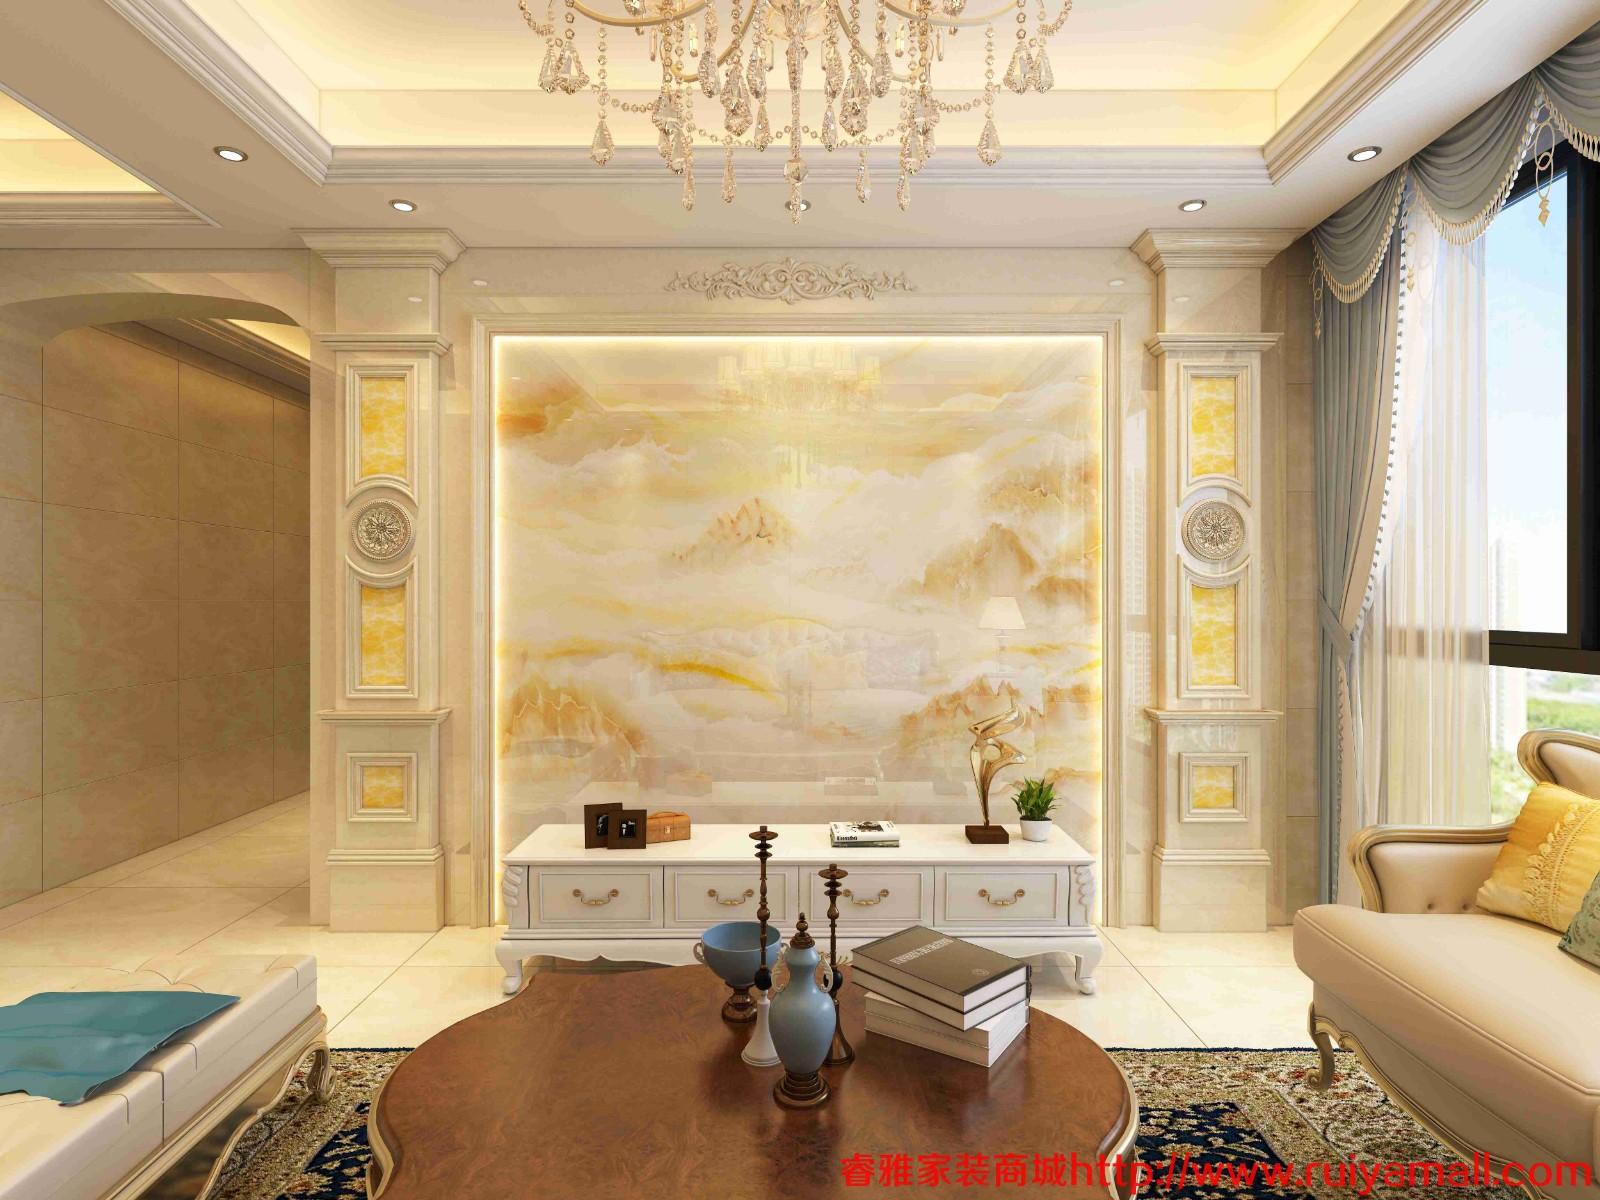 電視背景墻瓷磚現代簡約客廳3D微晶石石材邊框裝飾造型石材護墻板-套餐7